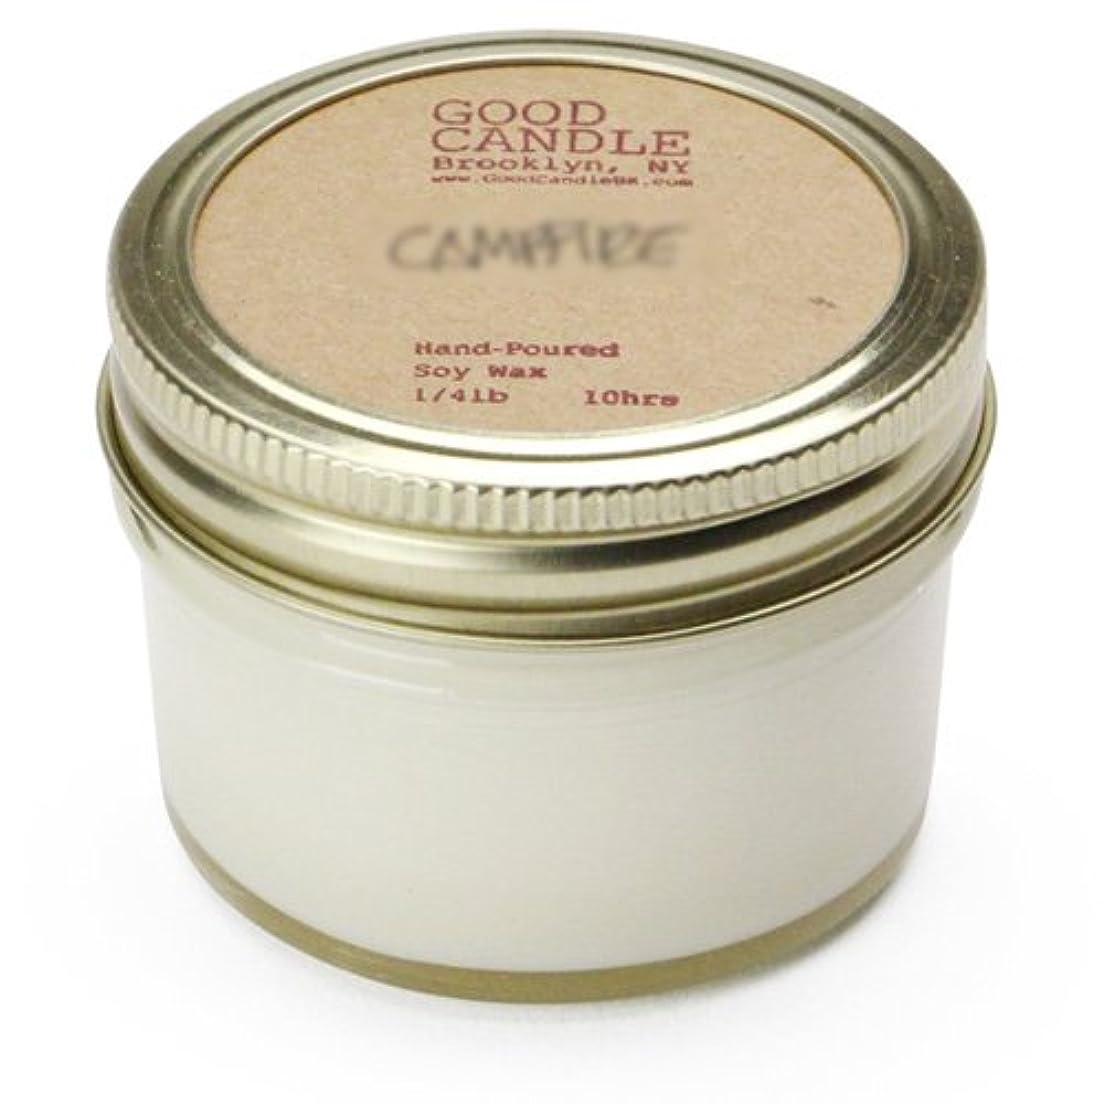 エレベータークロス毎回グッドキャンドル 1/4ポンド ゼリージャー キャンドル Good Candle 1/4LB Jelly jar candle [ Wash board ] 正規品